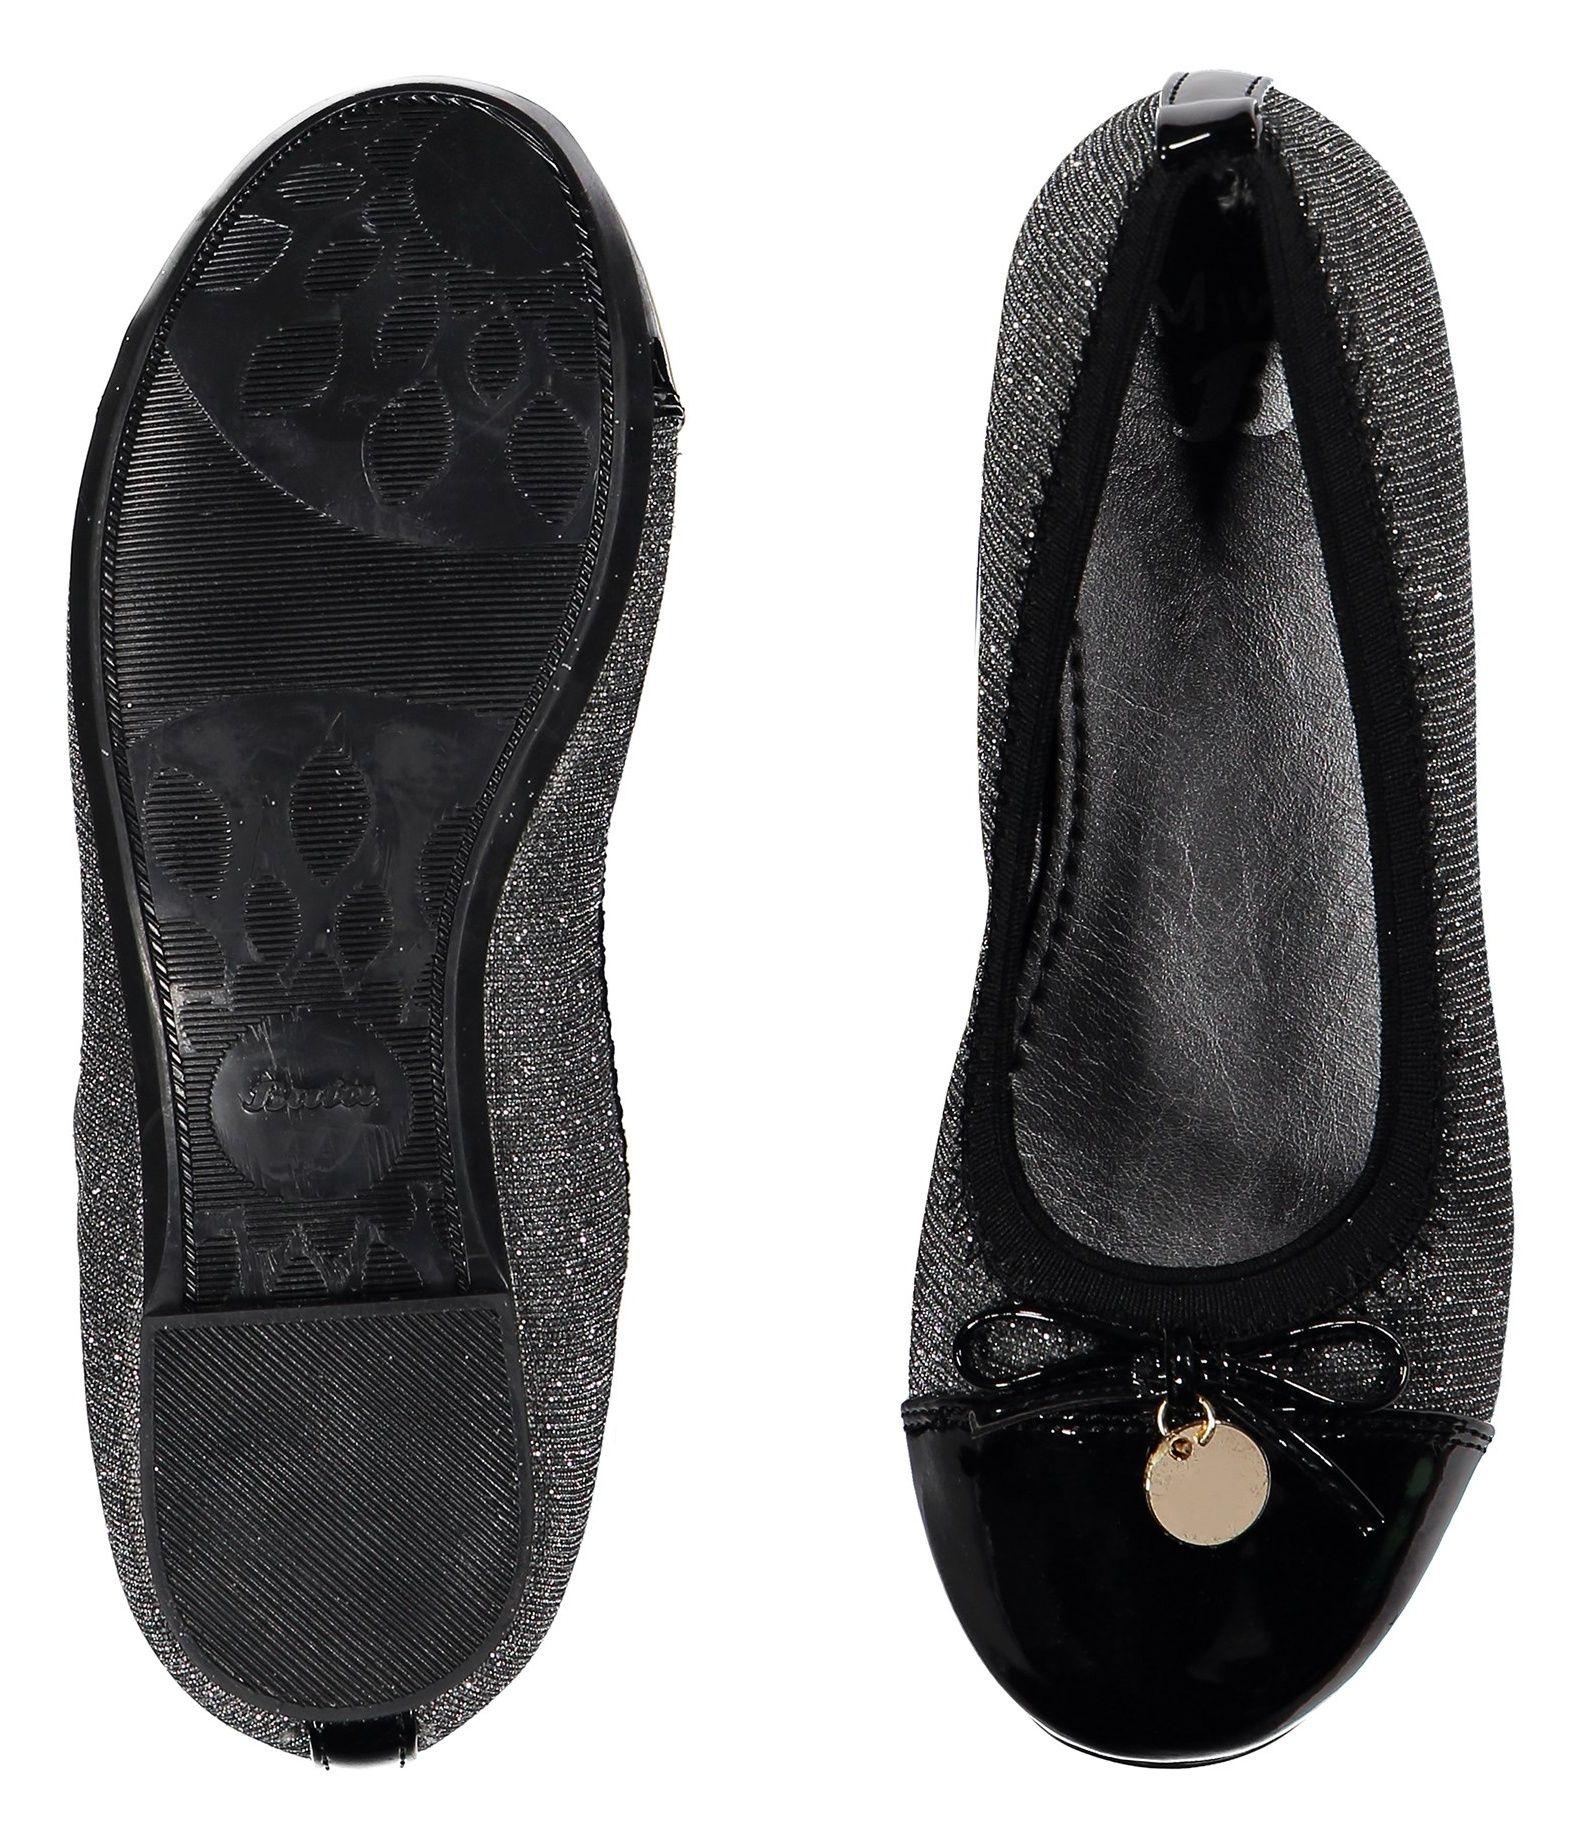 کفش تخت عروسکی دخترانه - باتا - نقره اي - 2